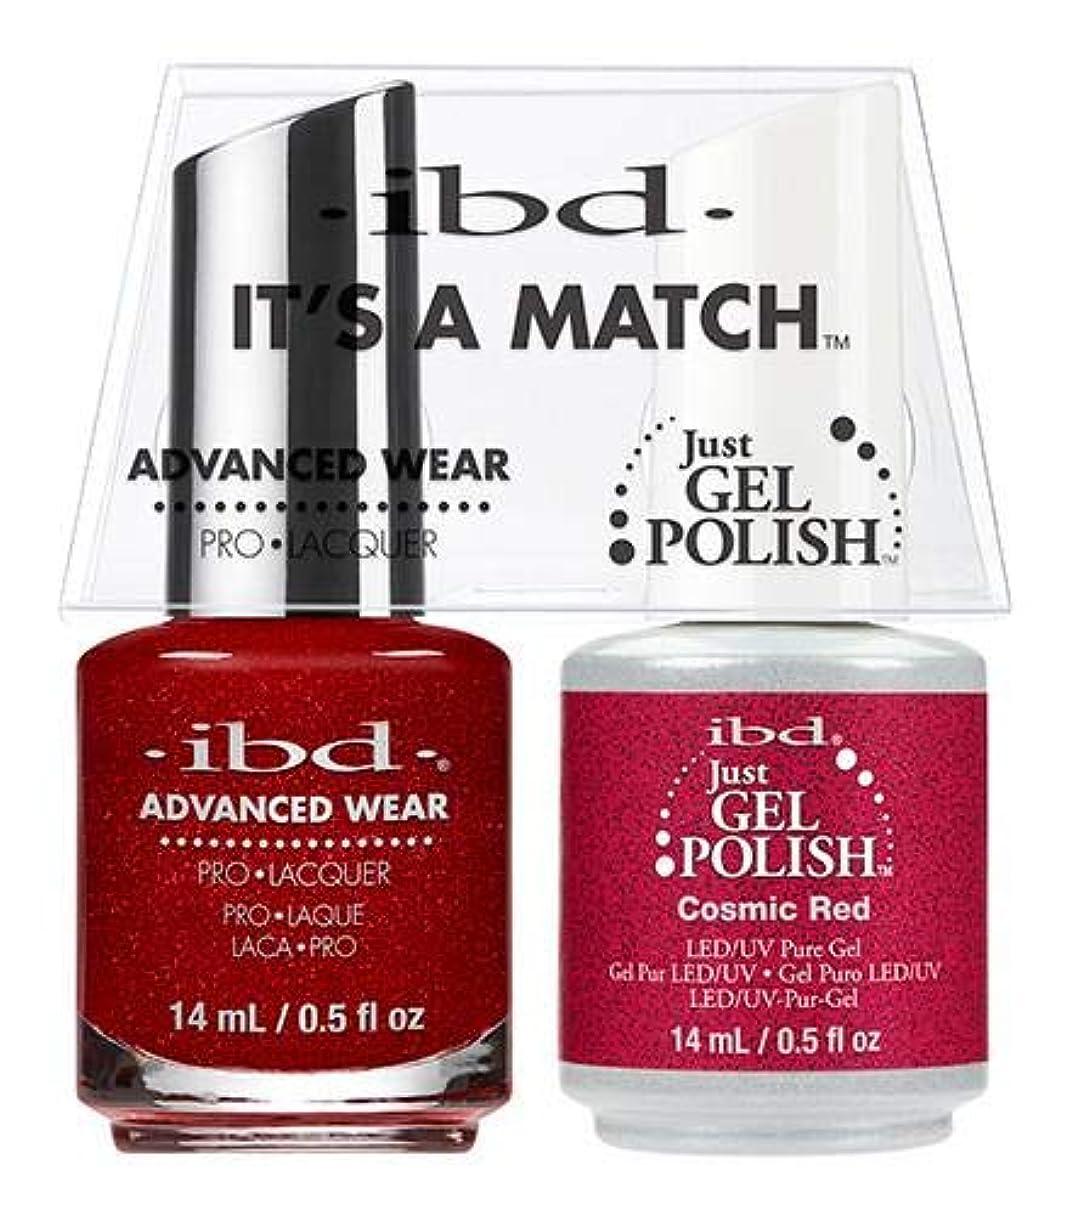 インテリアライム師匠IBD Advanced Wear -